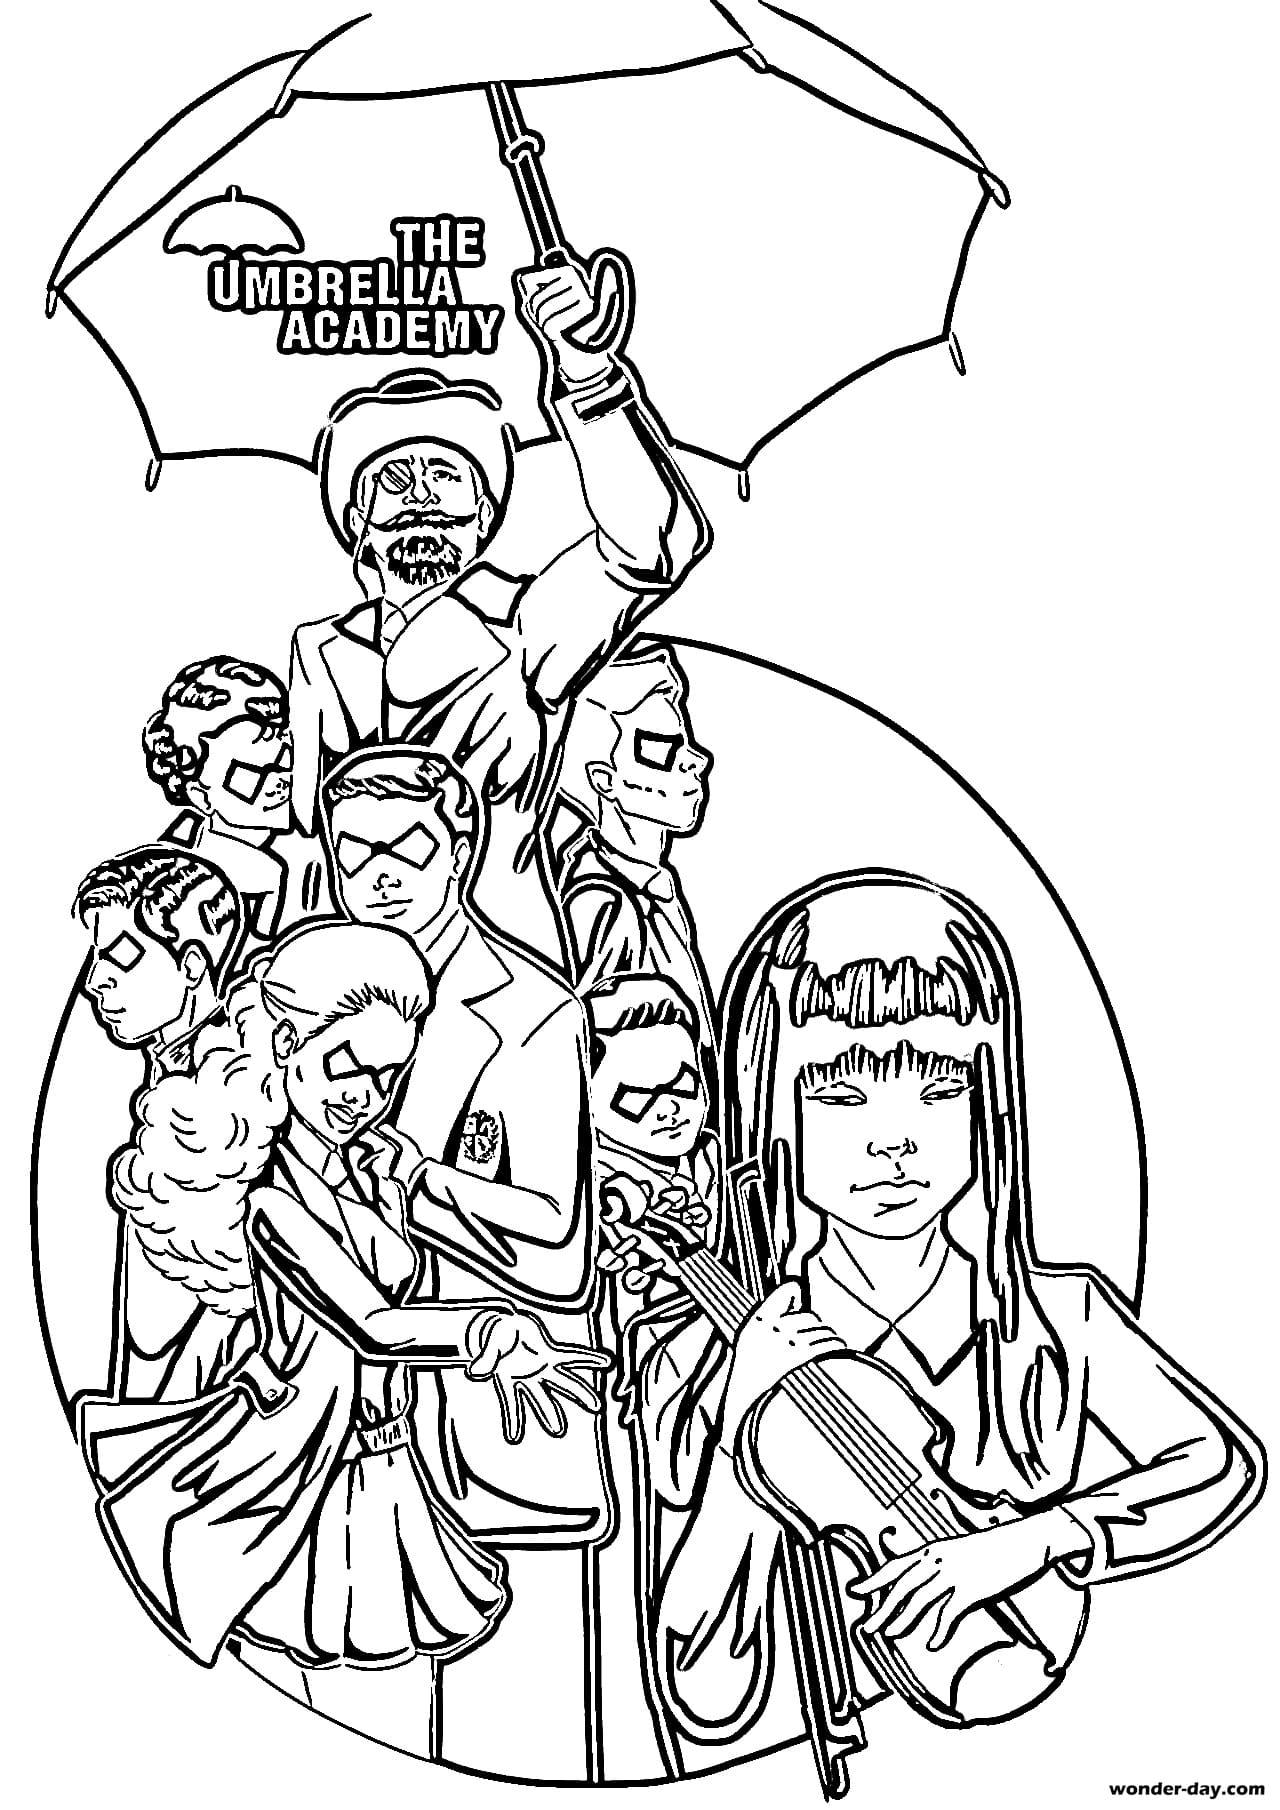 Ausmalbilder Umbrella Academy. Kostenlos drucken